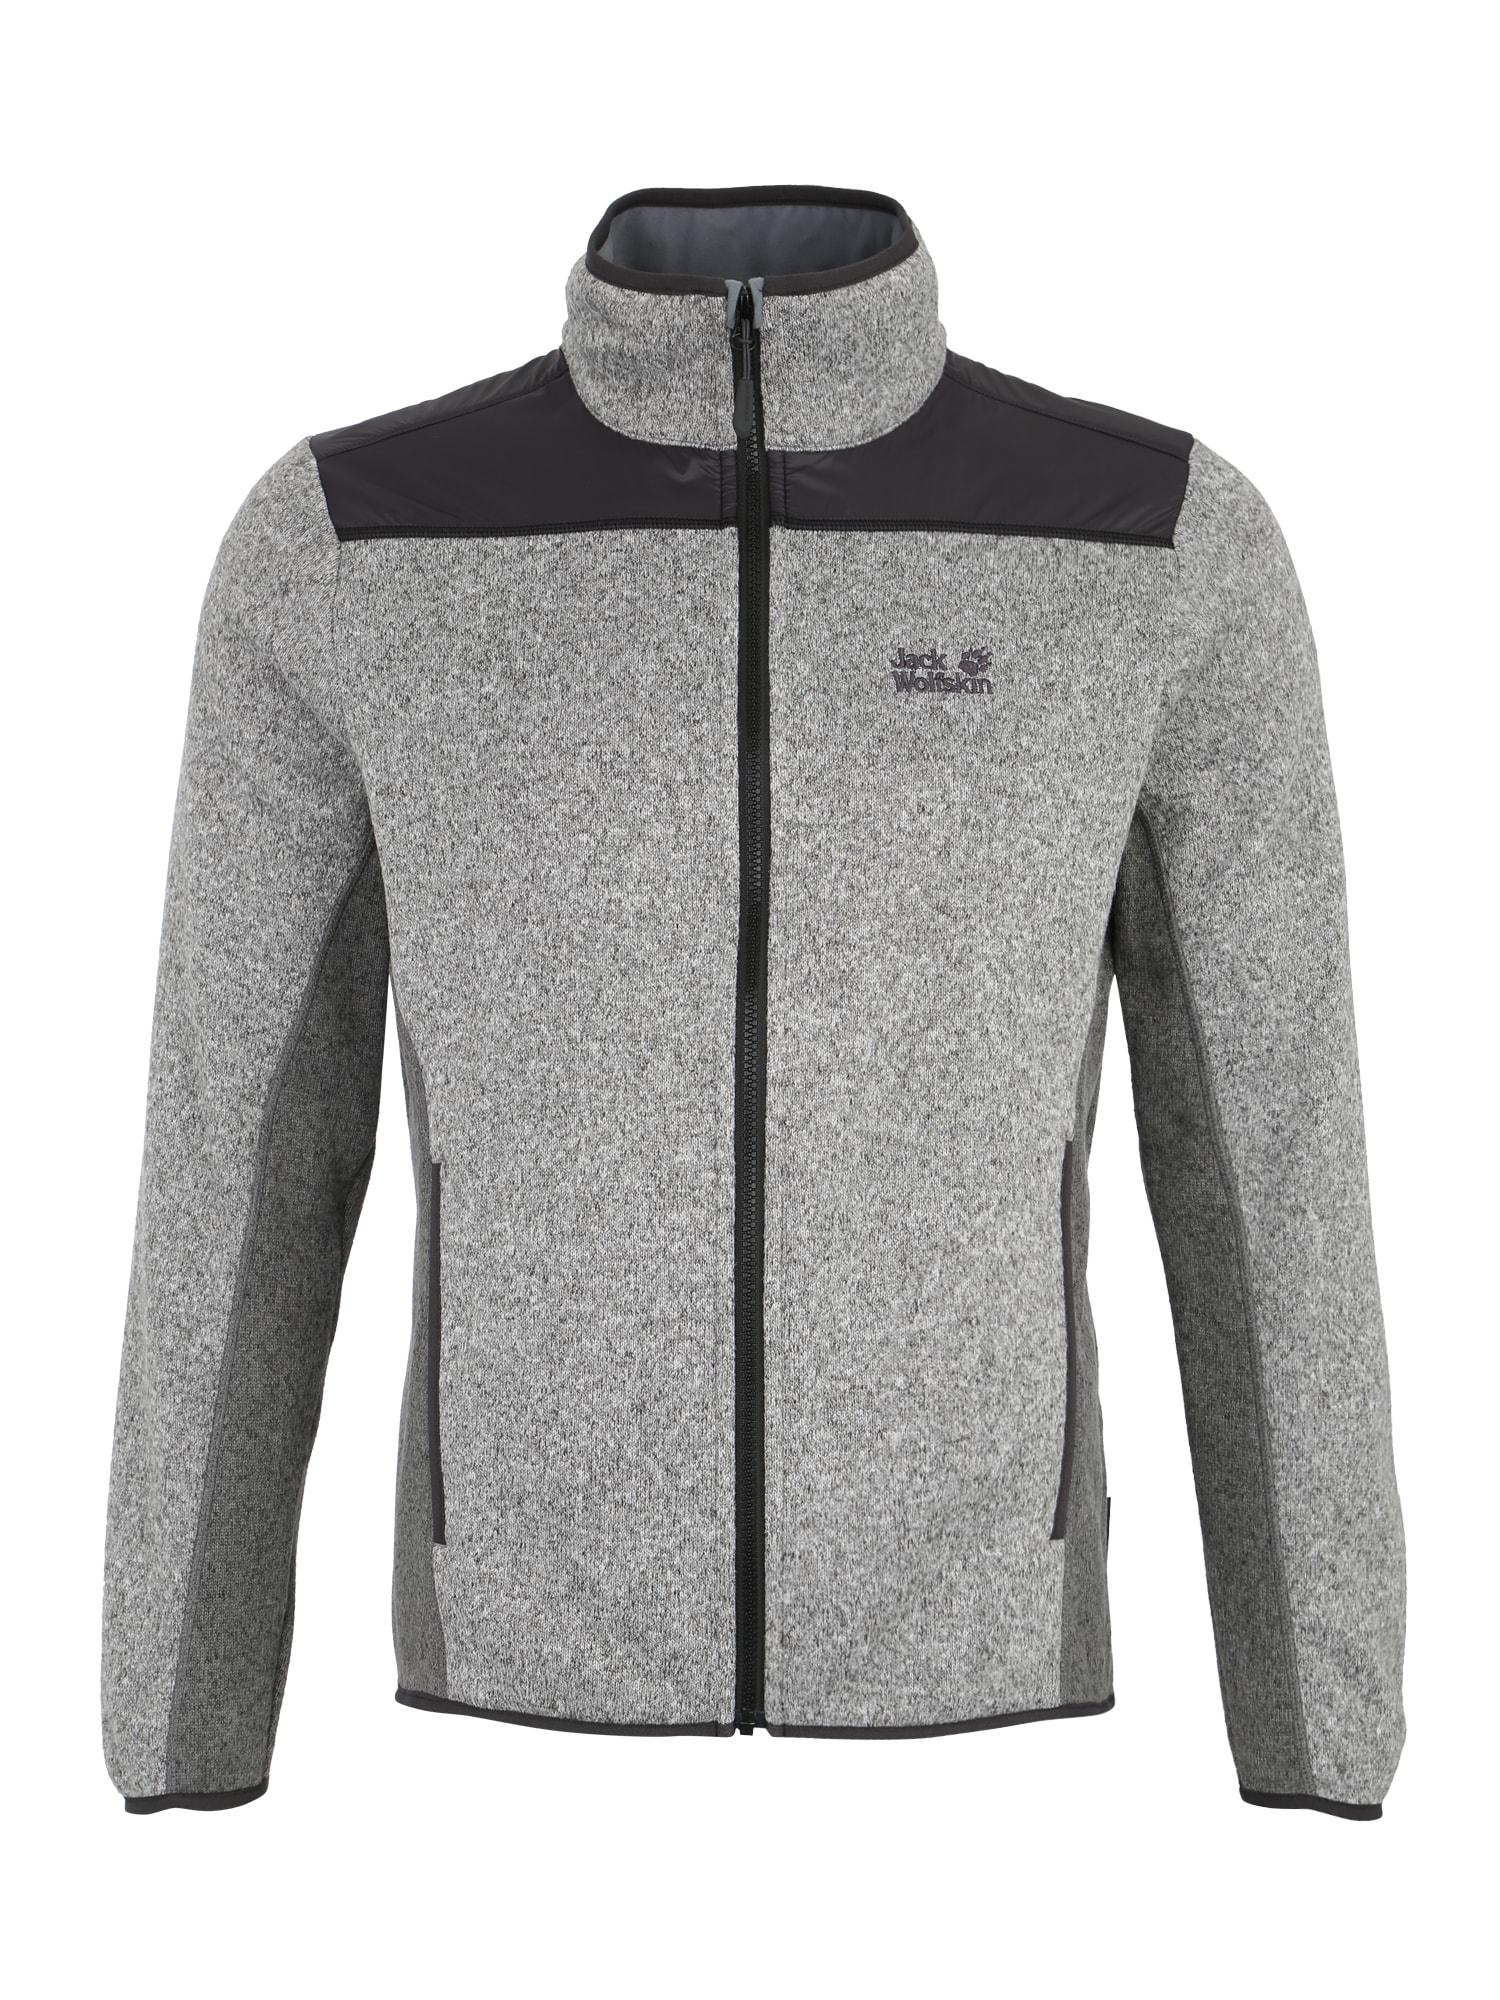 Sportovní bunda ELK LODGE světle šedá černá JACK WOLFSKIN